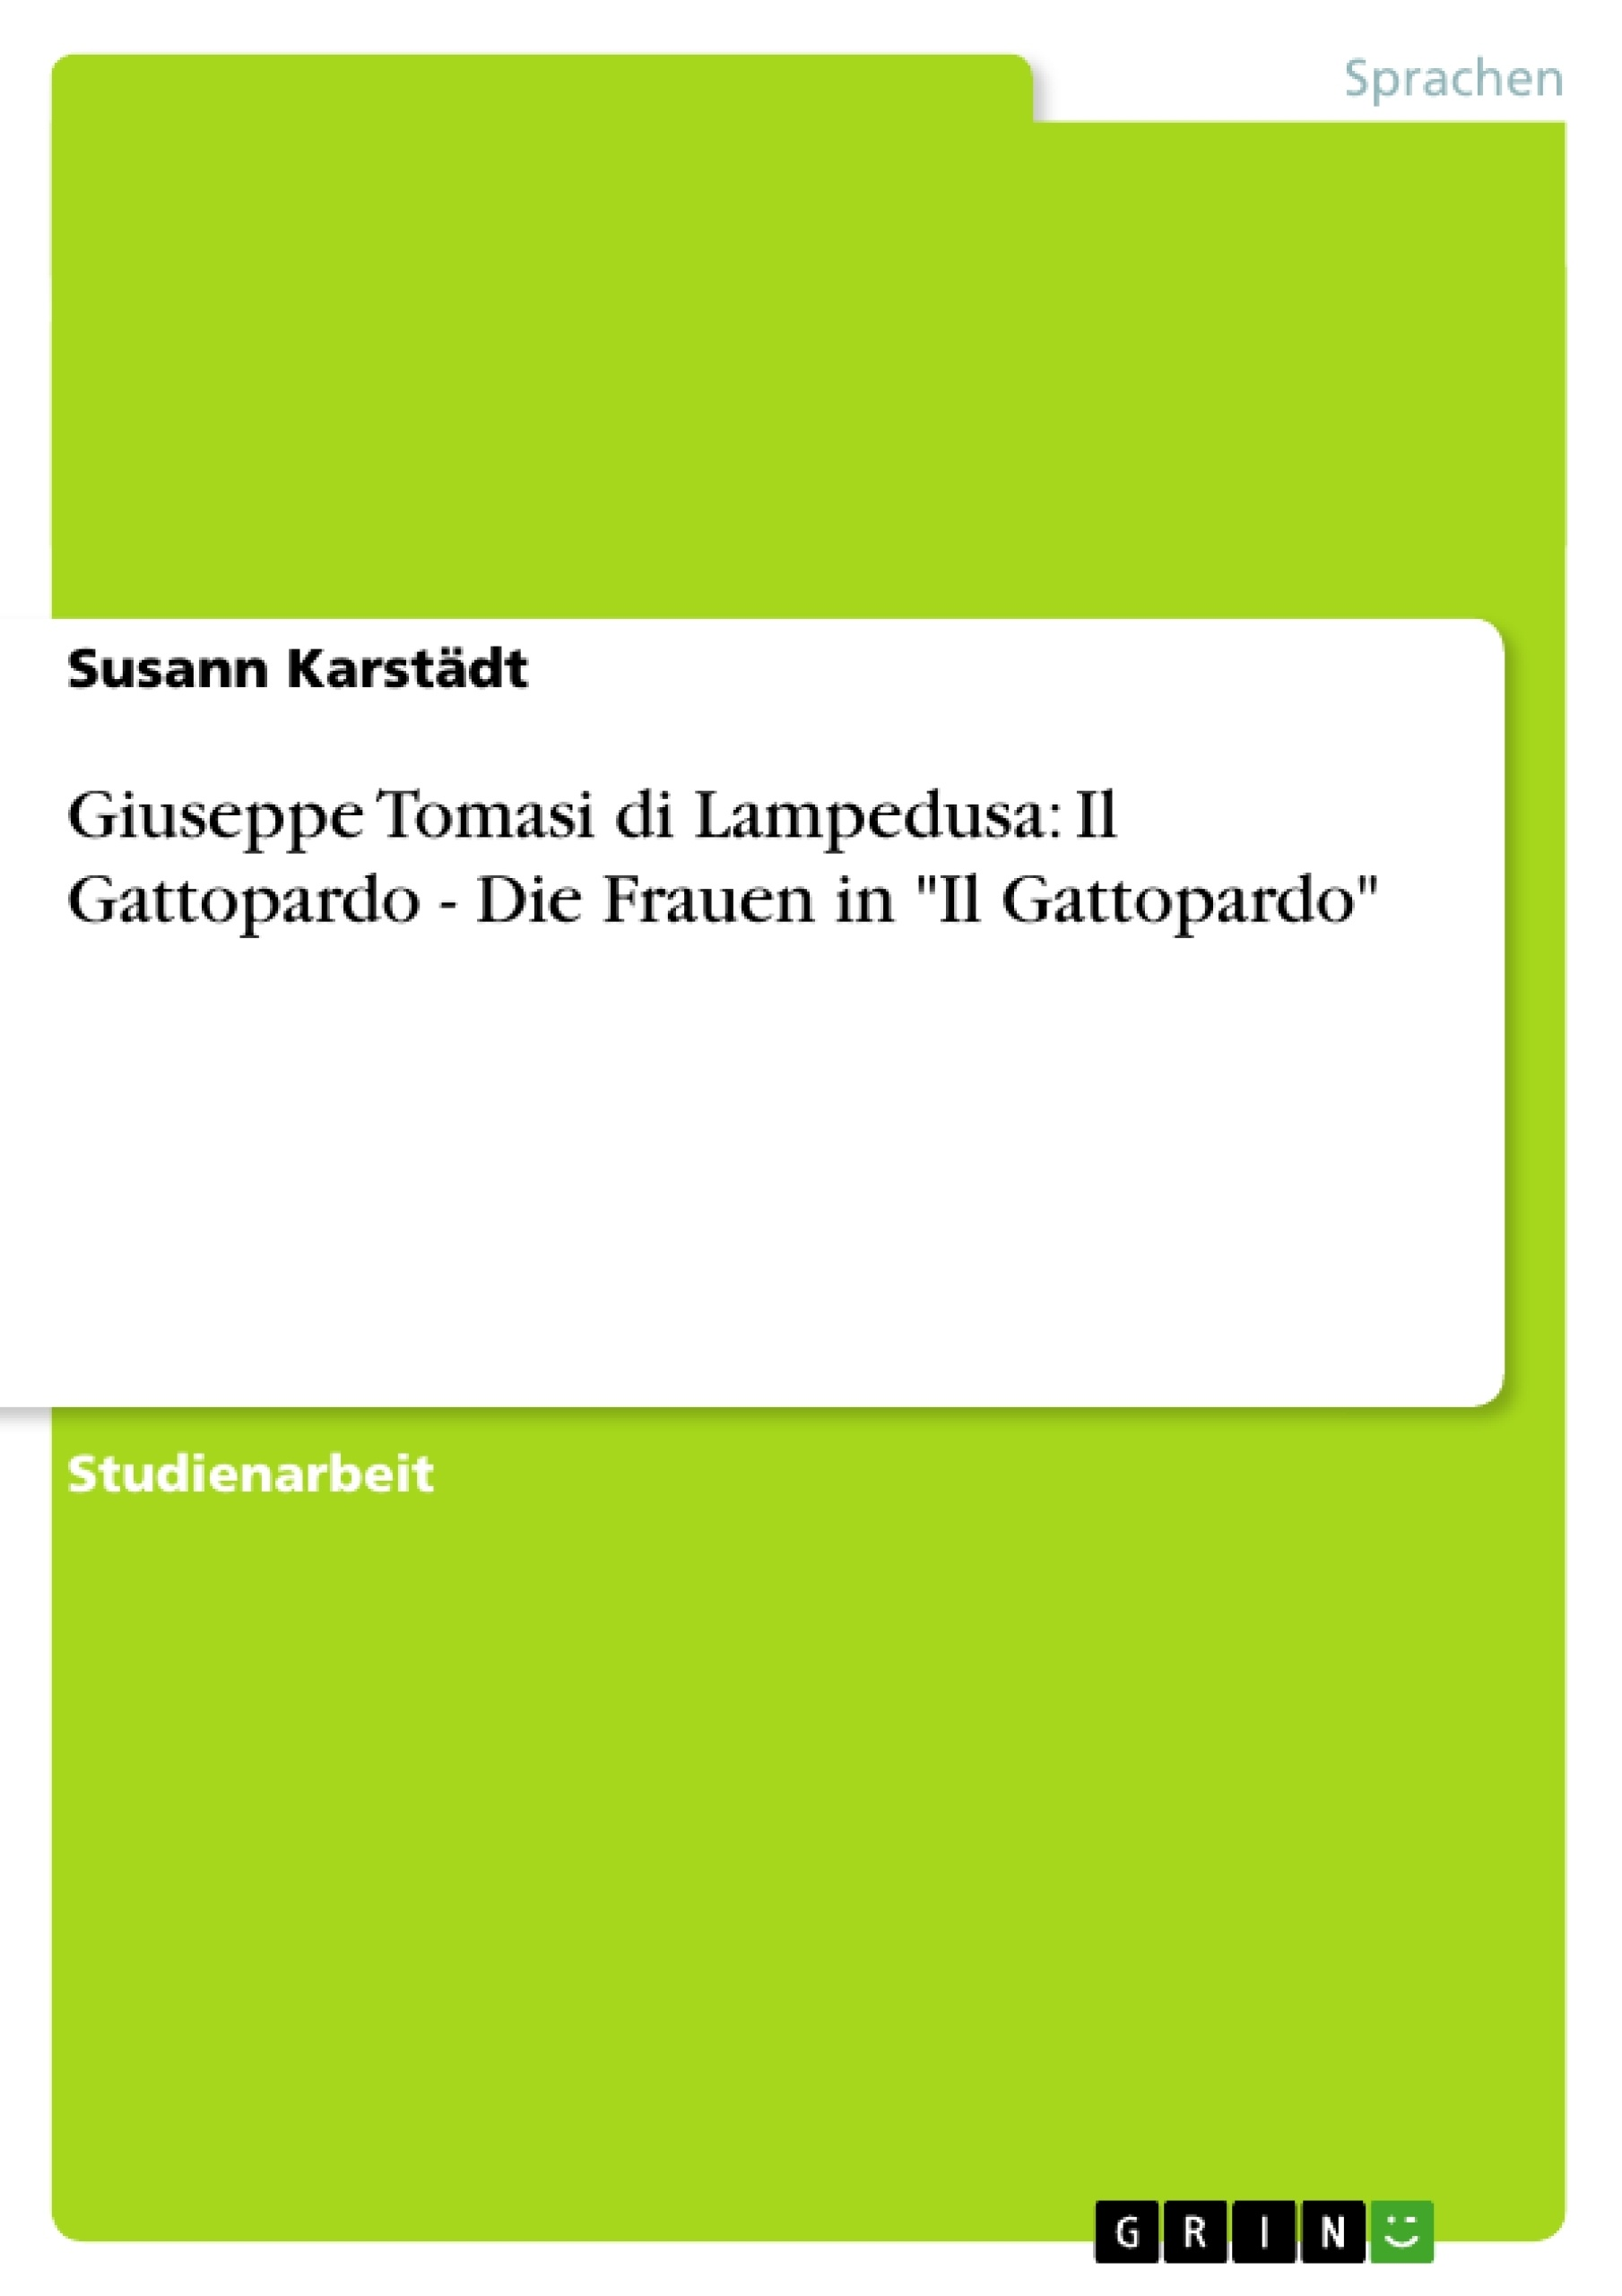 """Titel: Giuseppe Tomasi di Lampedusa: Il Gattopardo - Die Frauen in """"Il Gattopardo"""""""